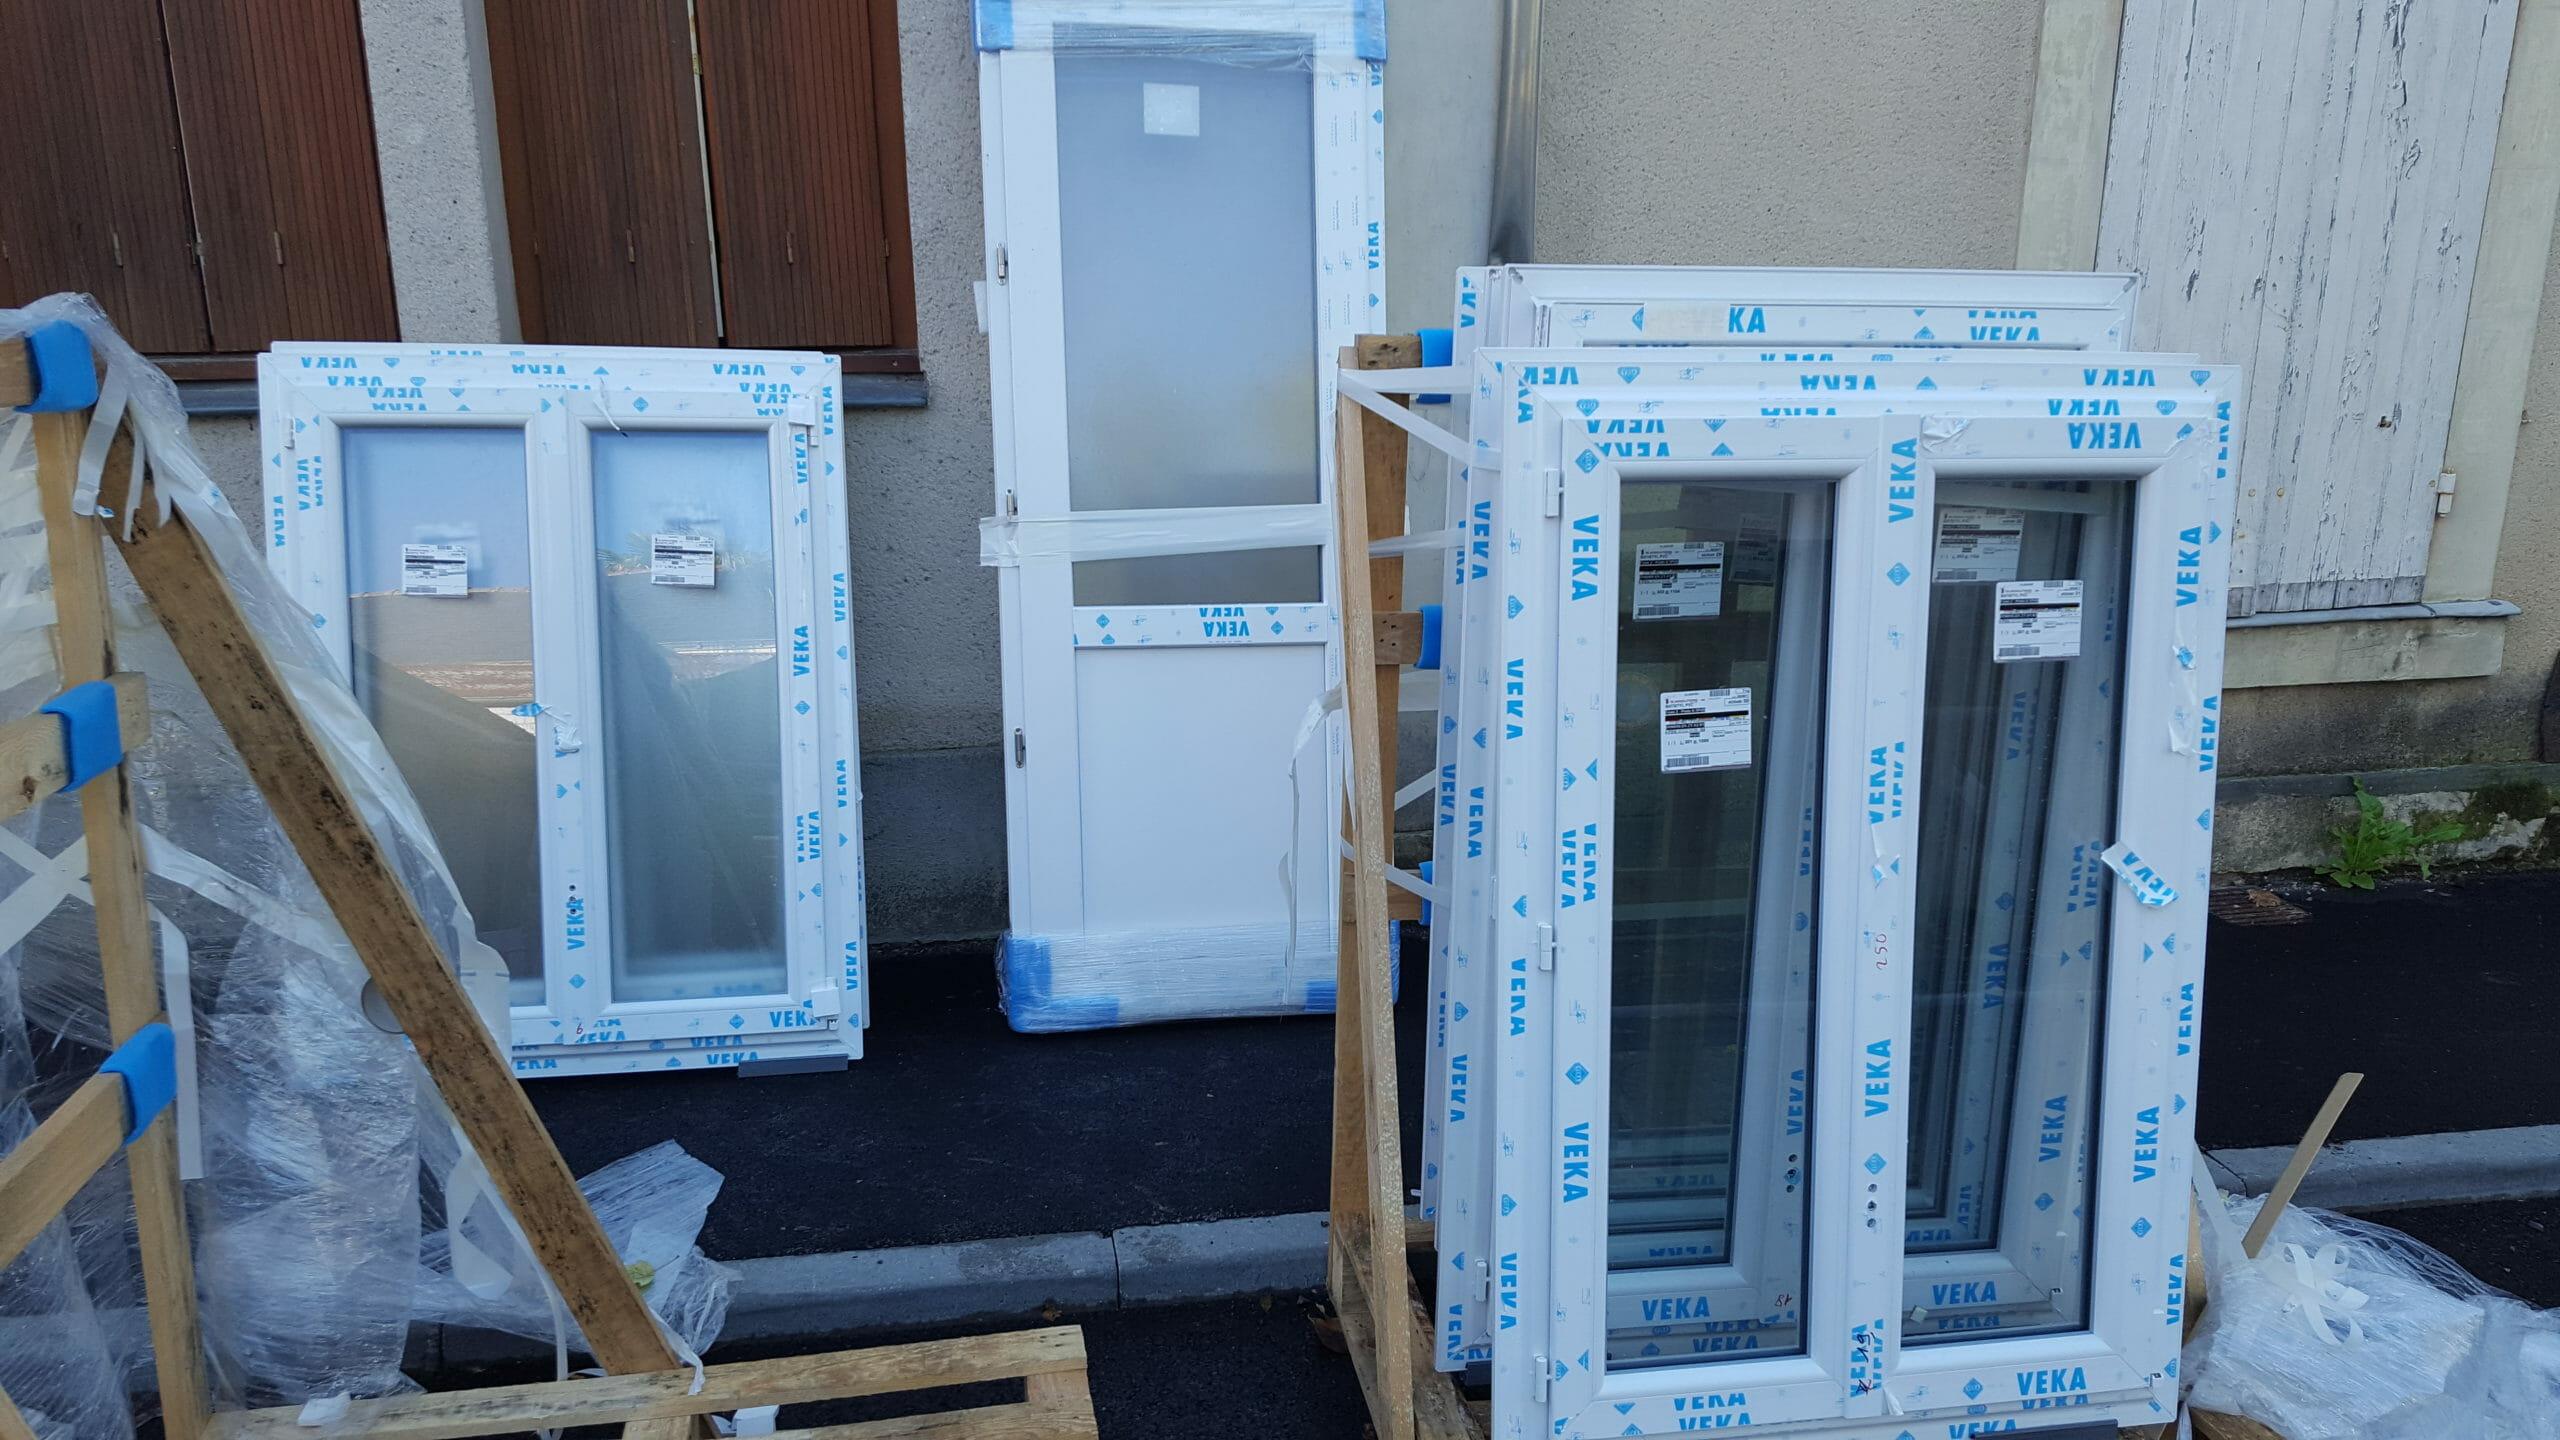 Nouvelles fenêtres dans l'immeuble à 0 €